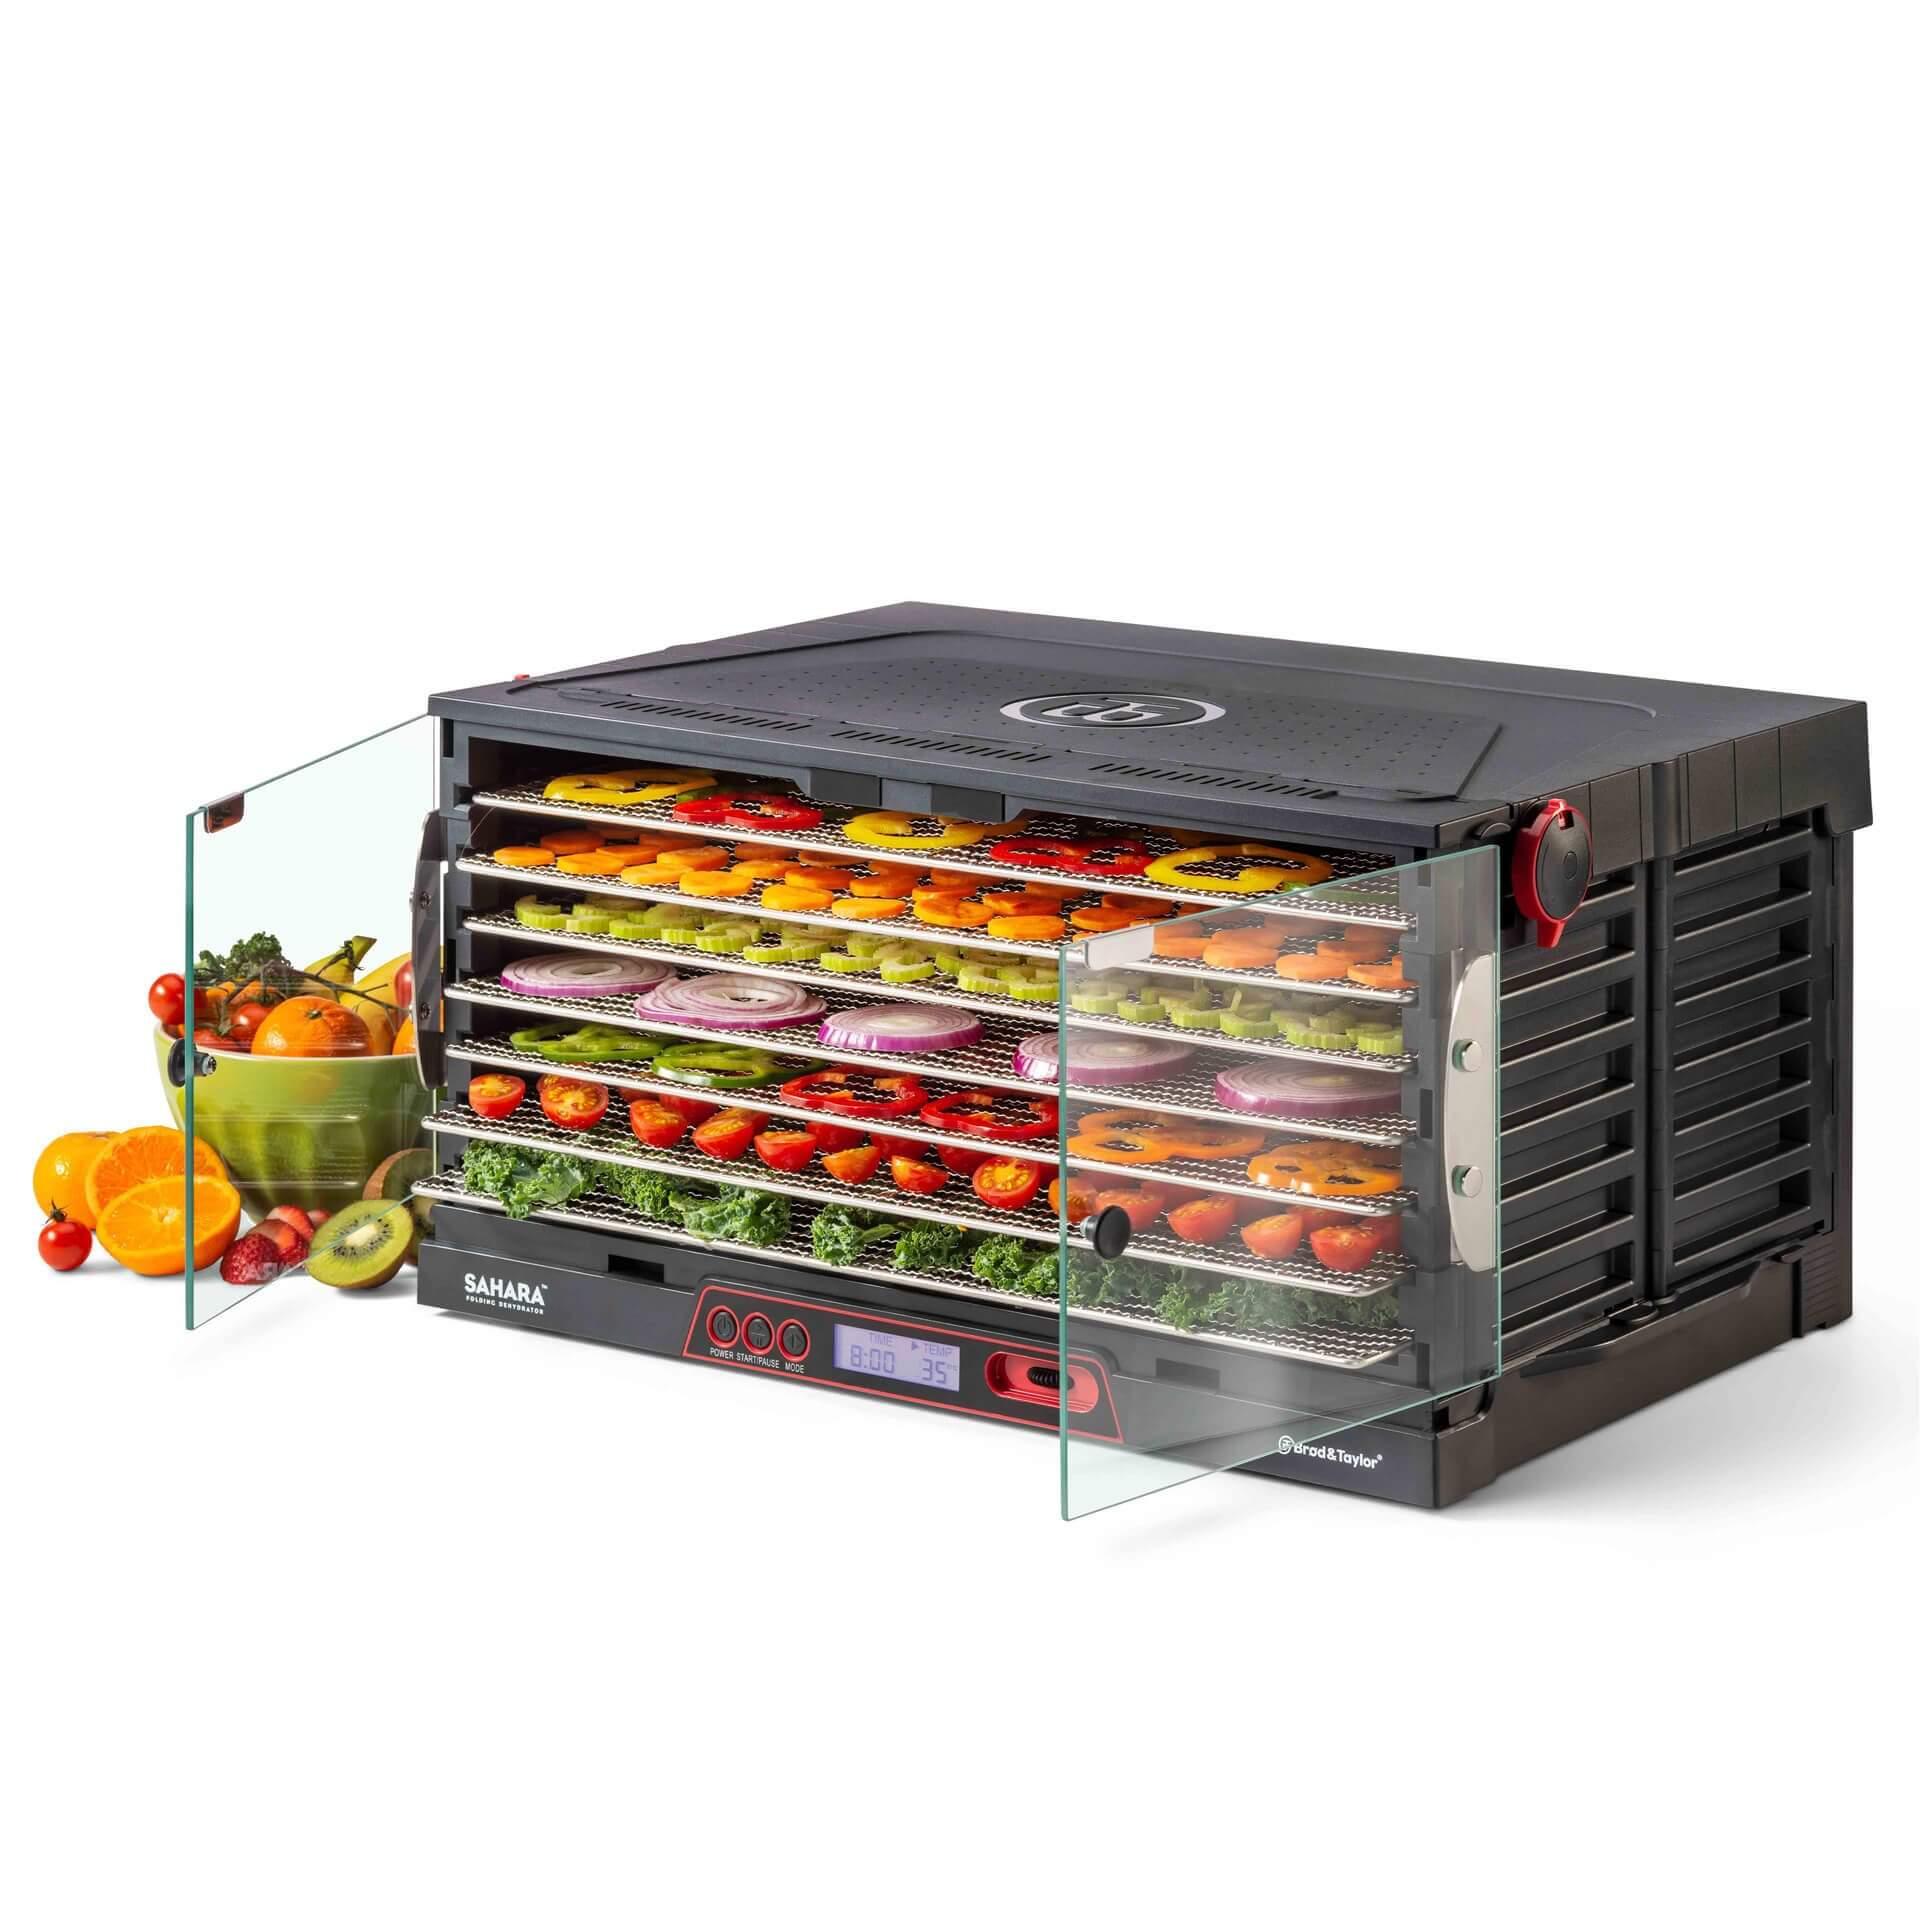 Faltbarer SAHARA DR-720 S Doerrautomat mit Obst und Gemuese